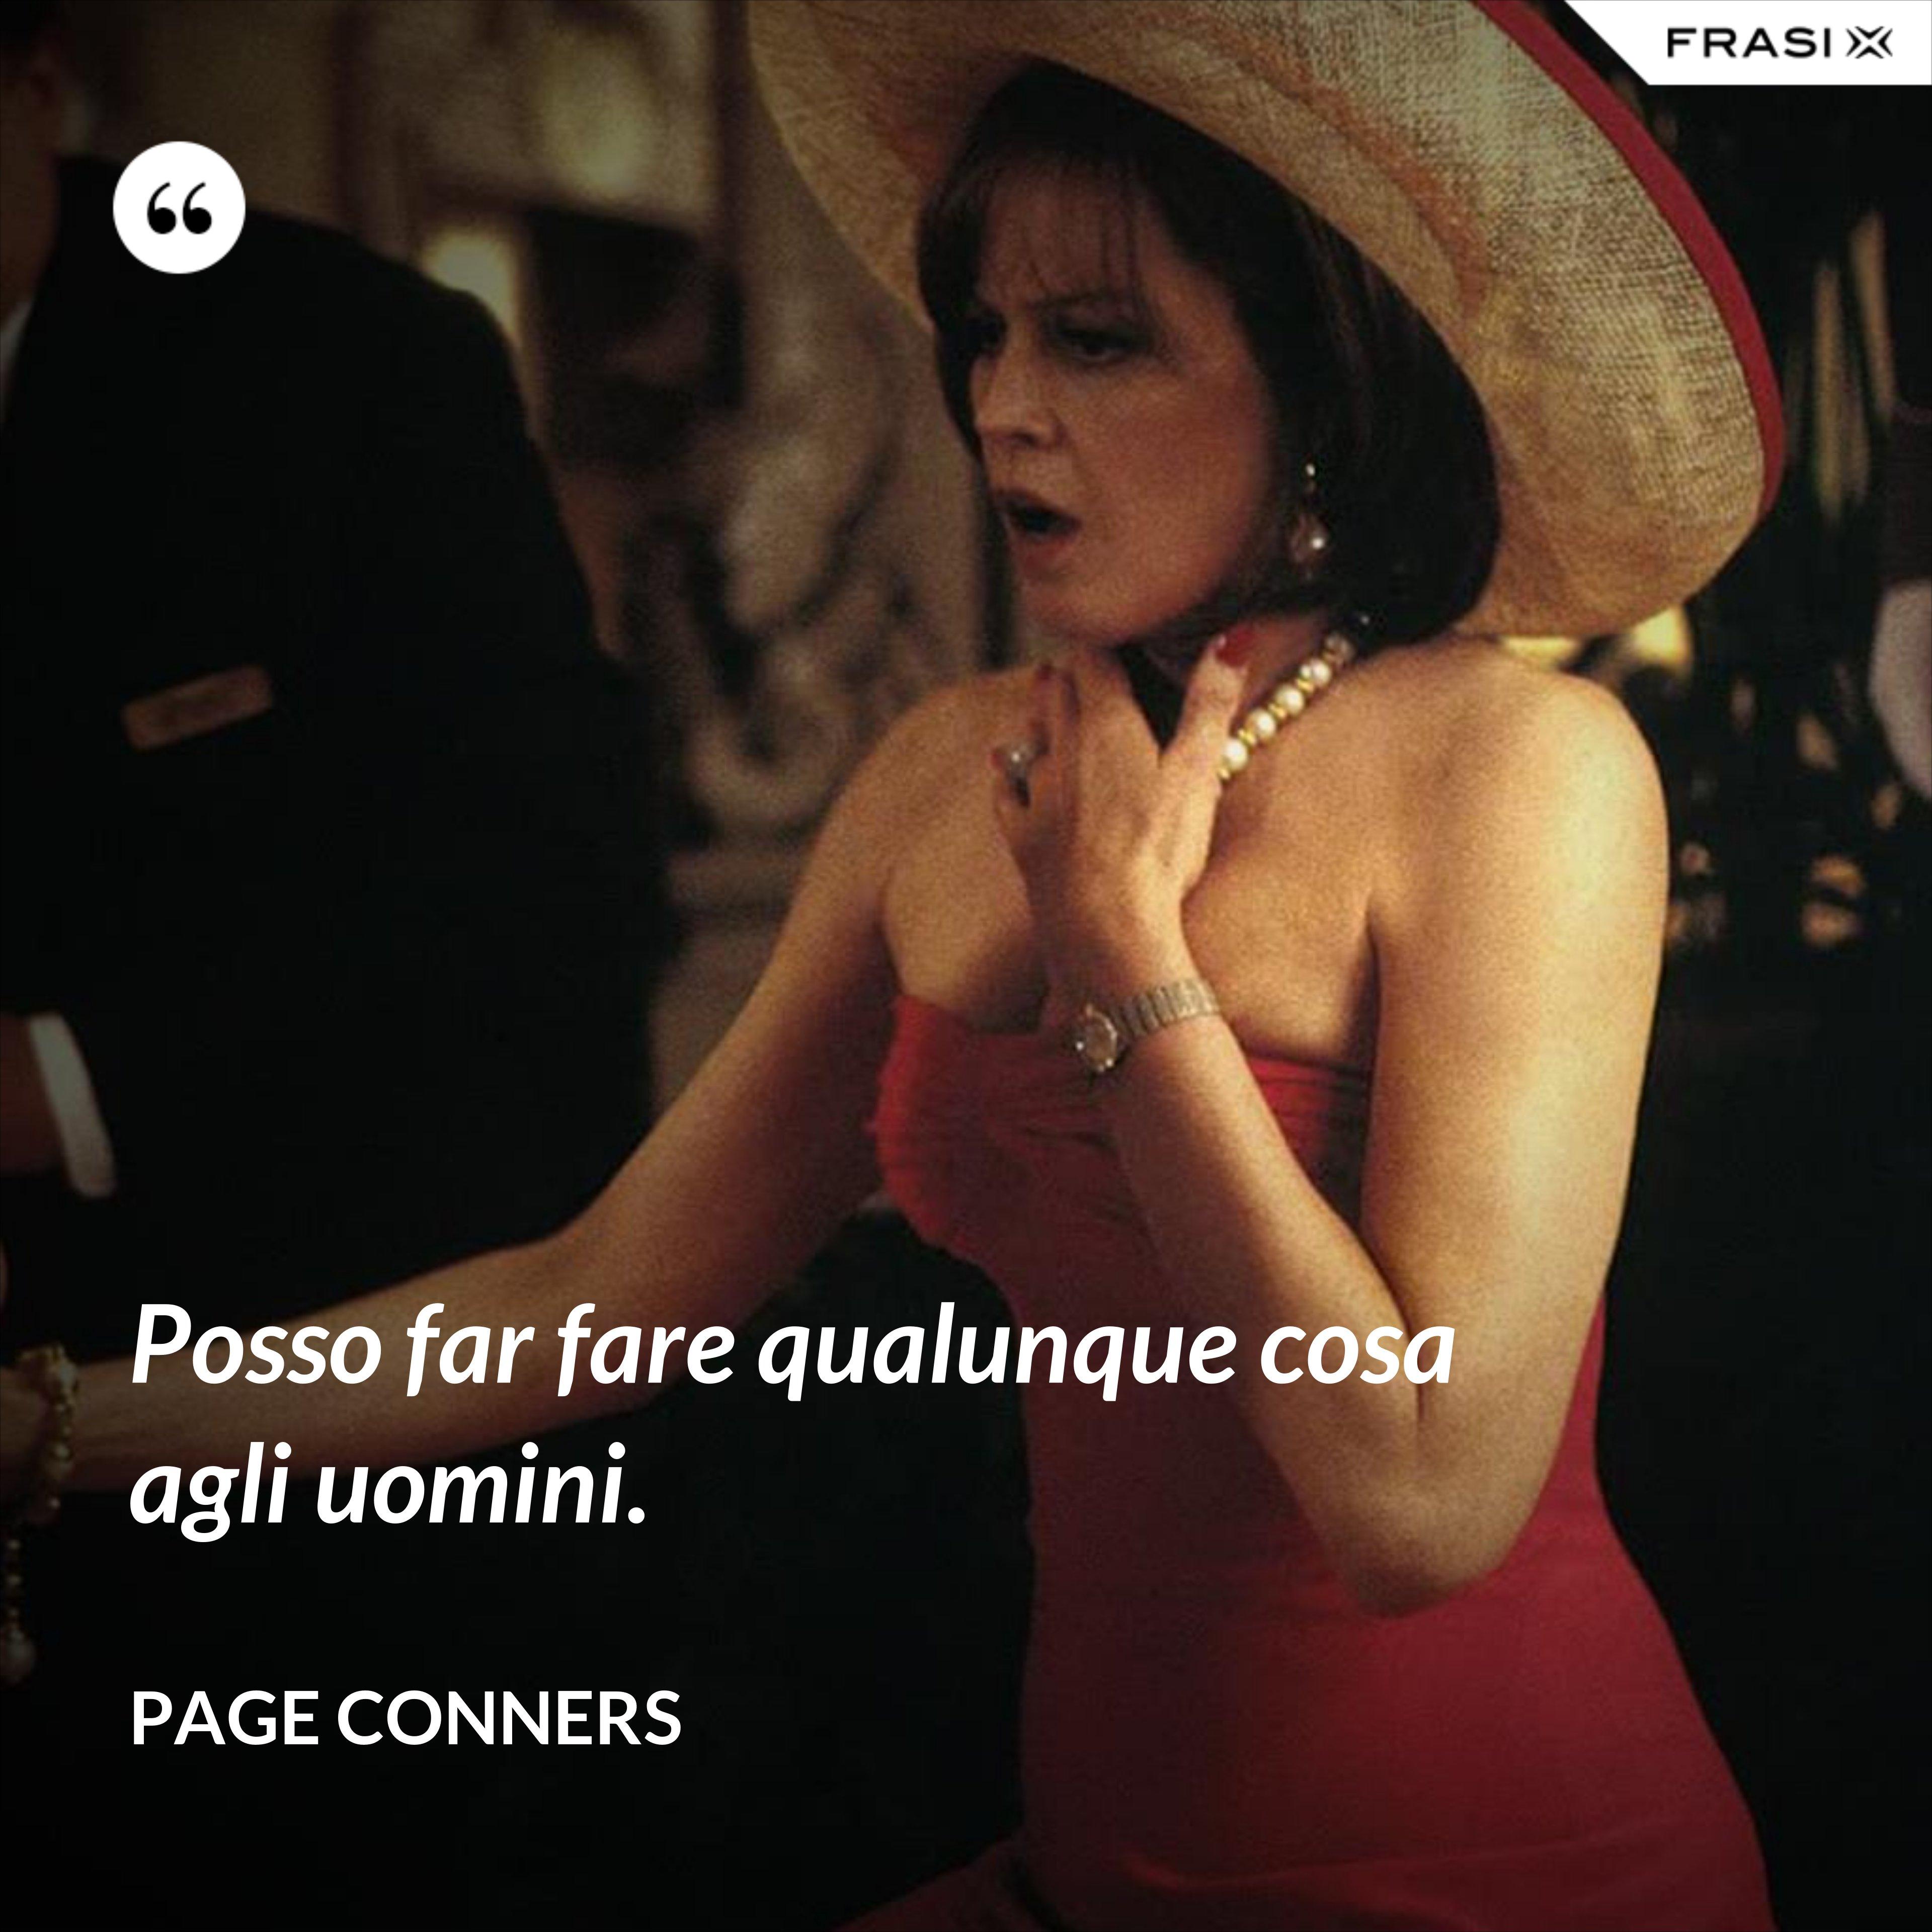 Posso far fare qualunque cosa agli uomini. - Page Conners